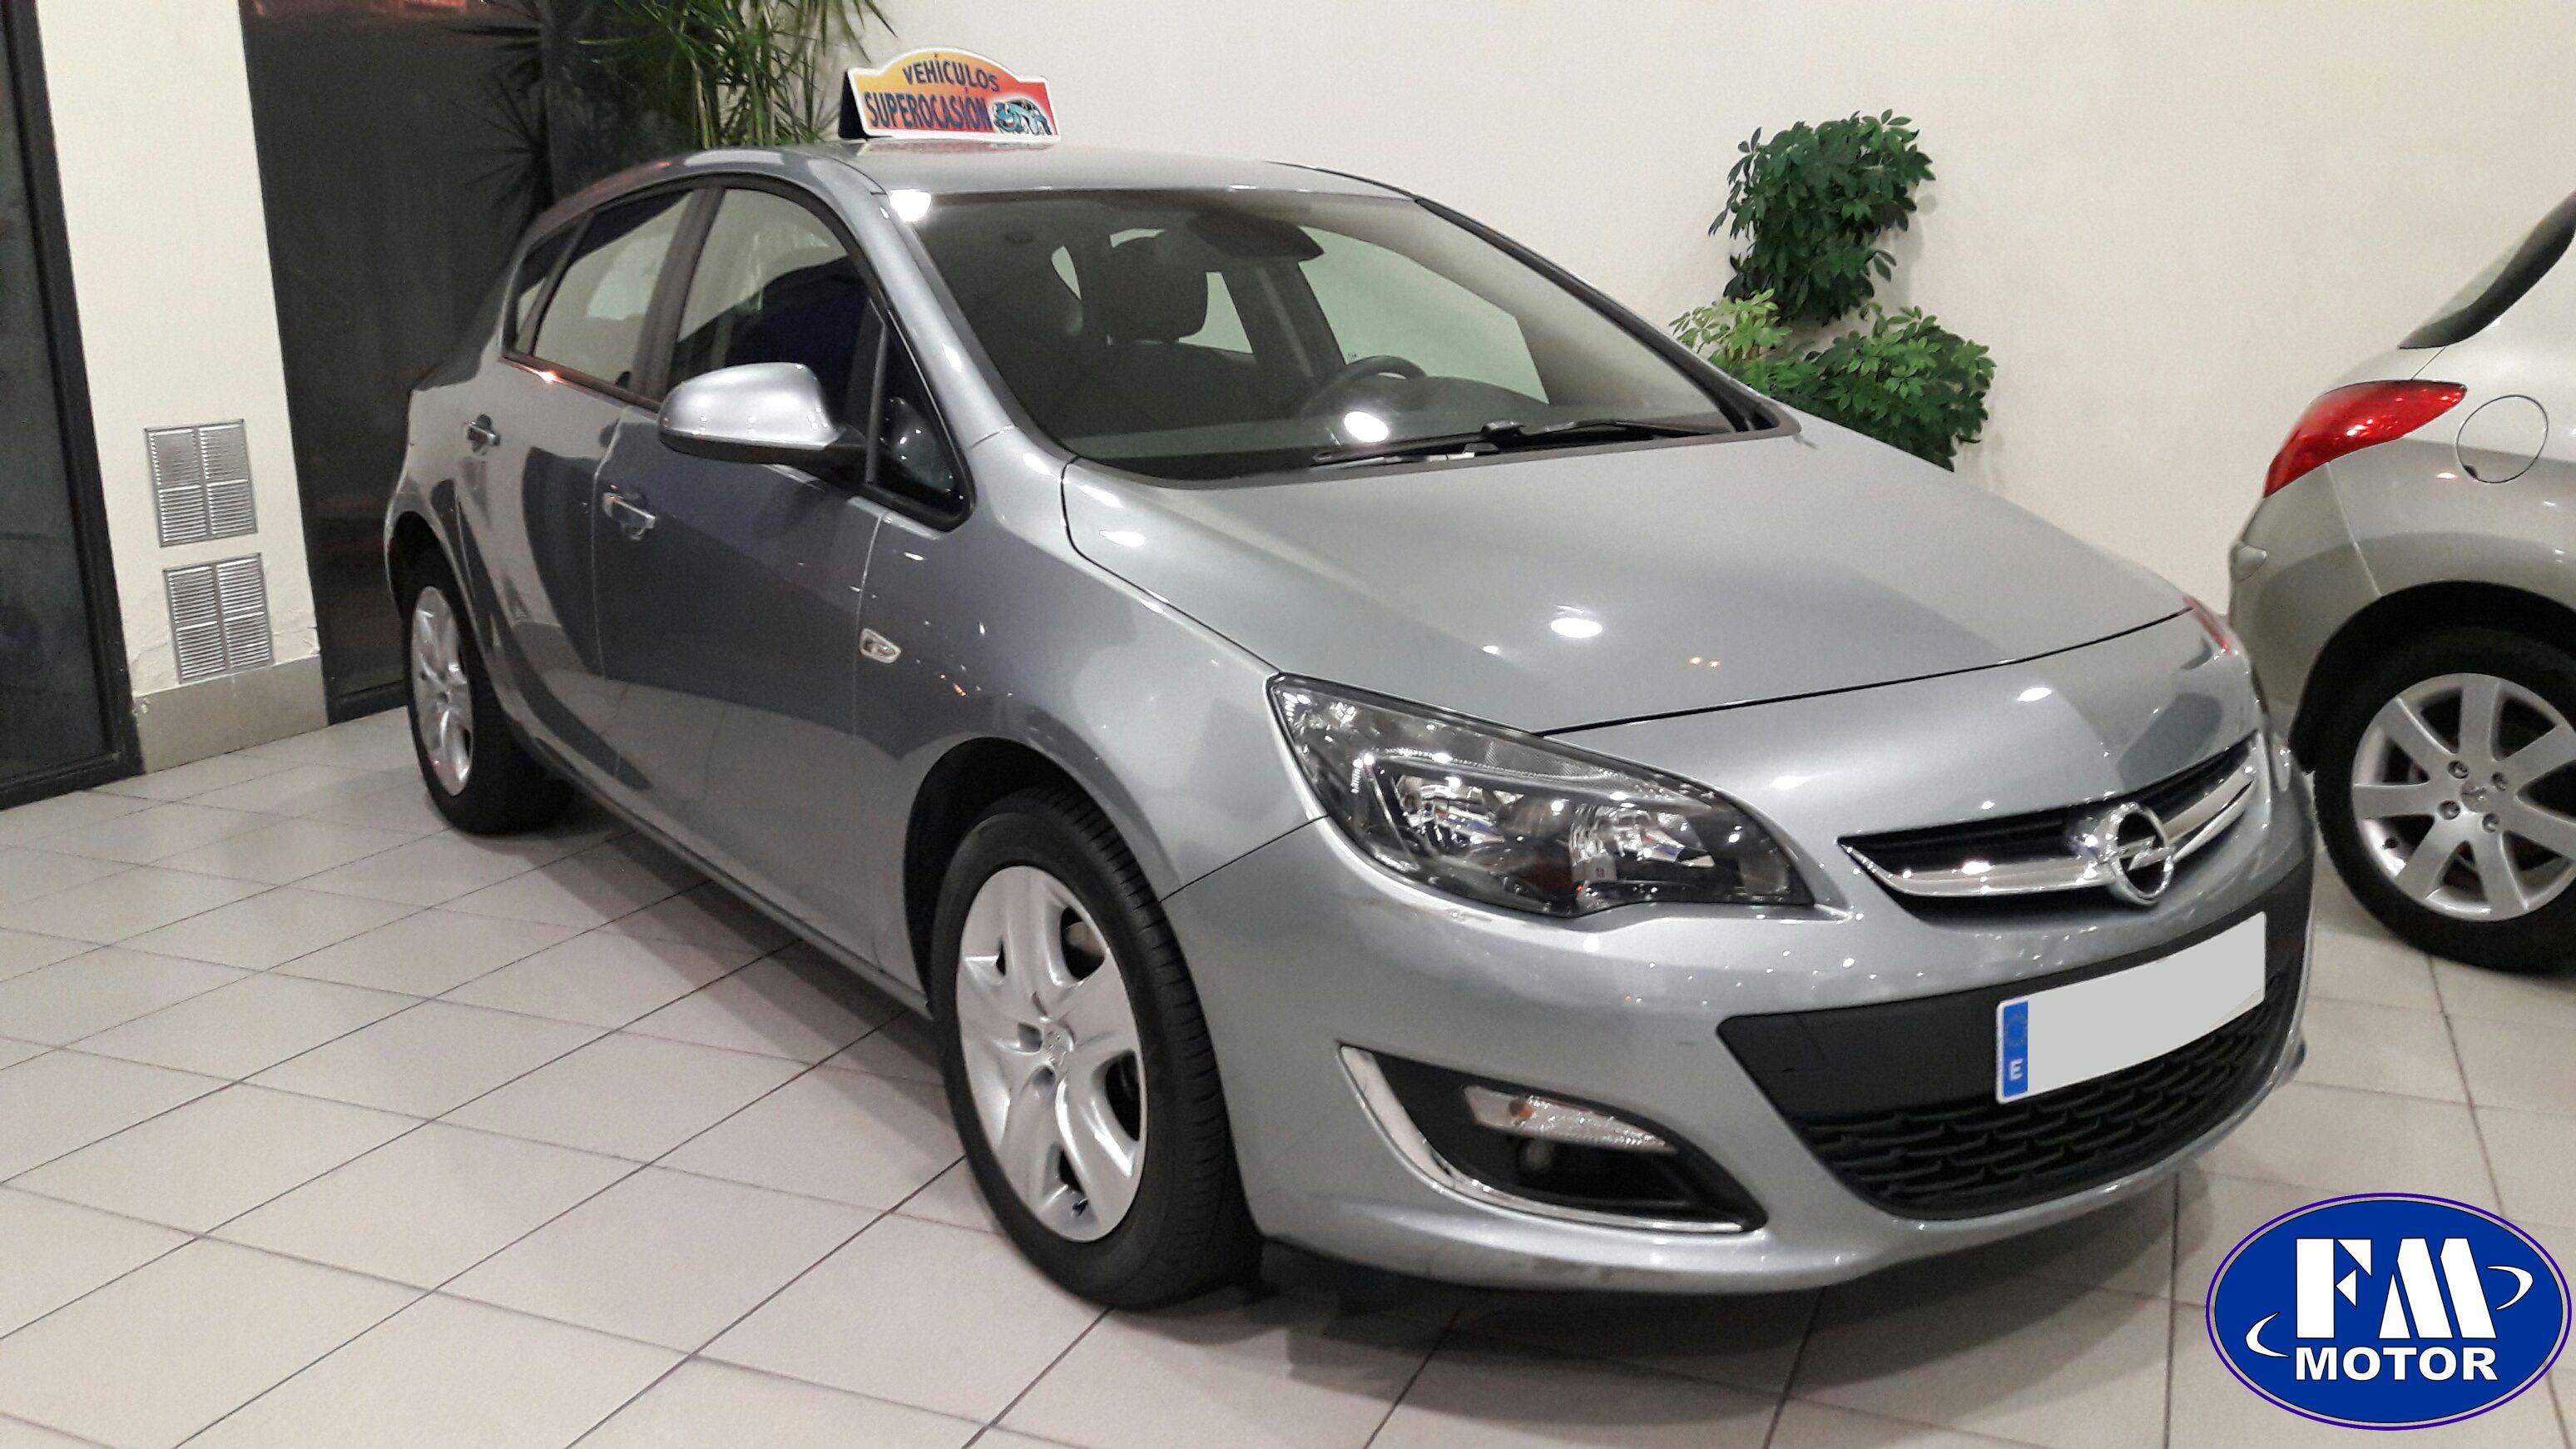 Opel astra 1 7 cdti 110 cv 6 vel 5 puertas fm motor bilbao - Opel astra 5 puertas ...